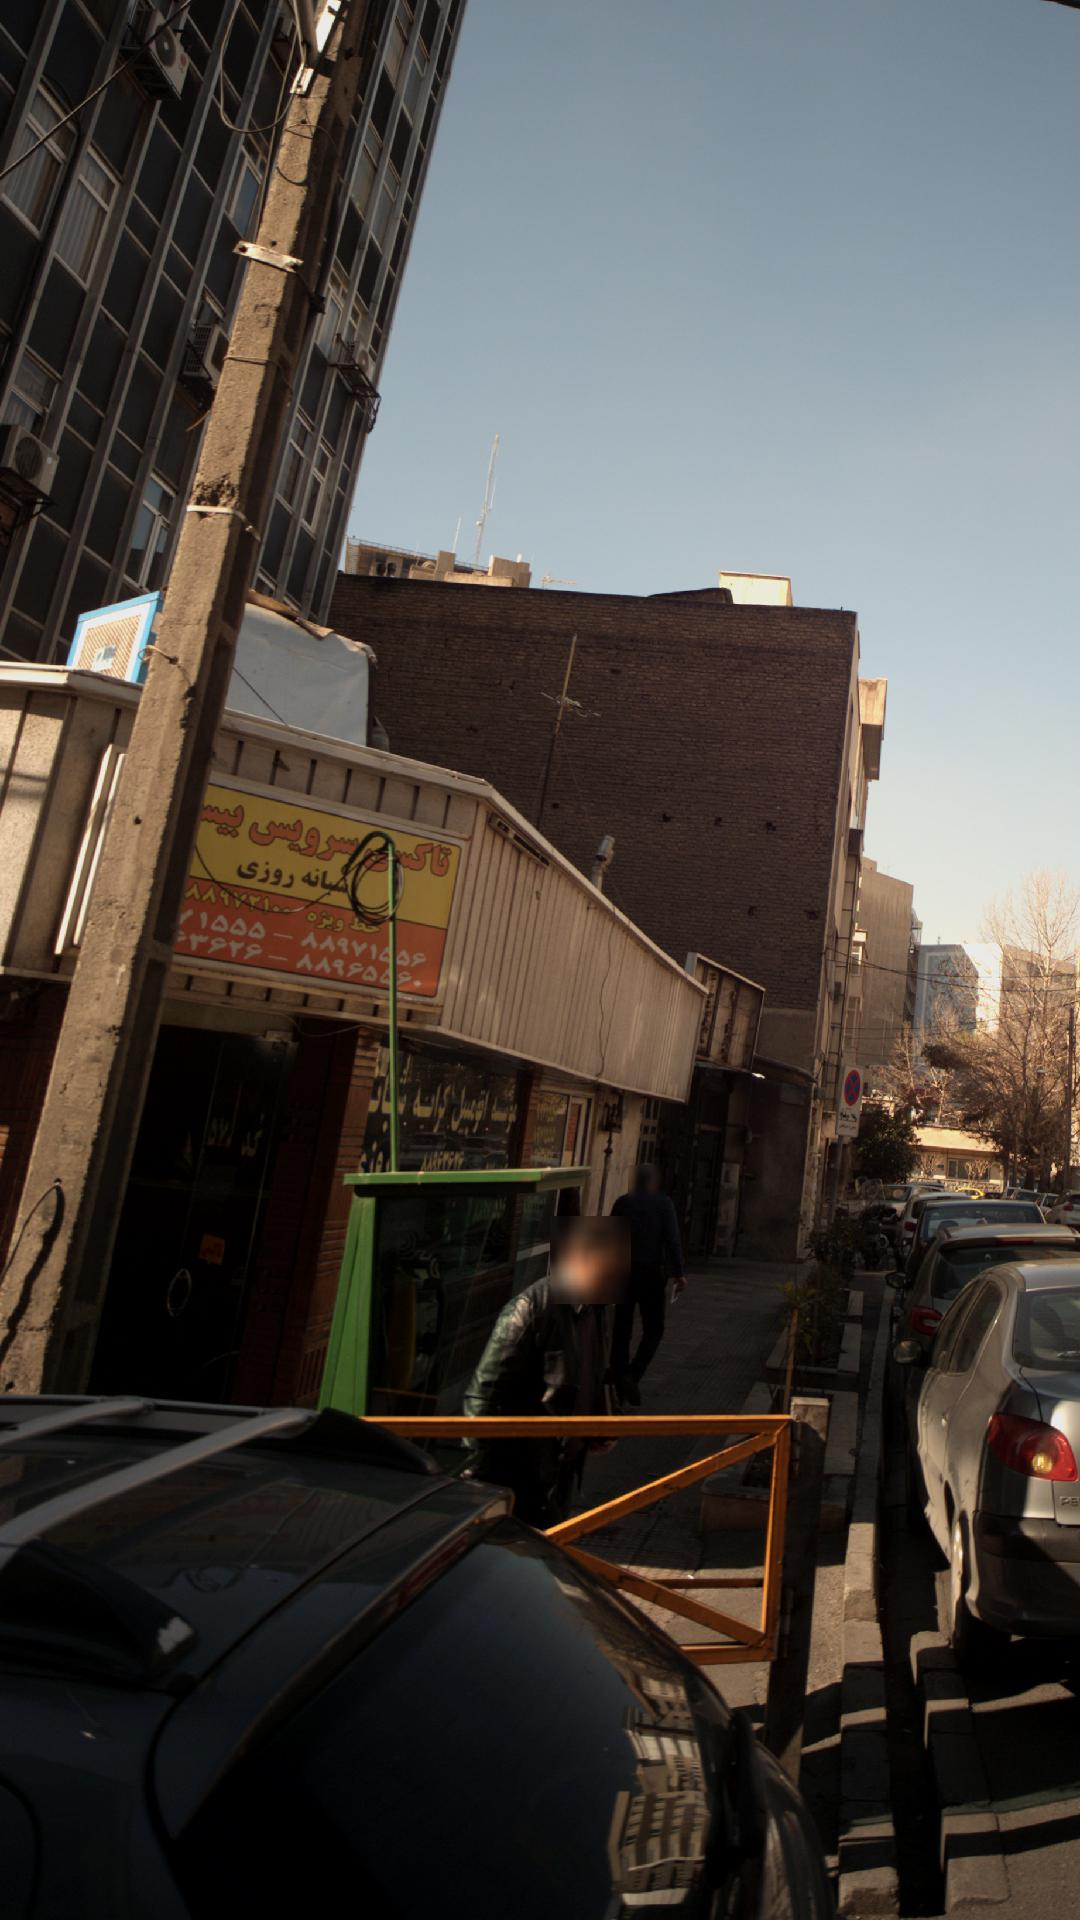 تاکسی سرویس بیستون - شبانه روزی